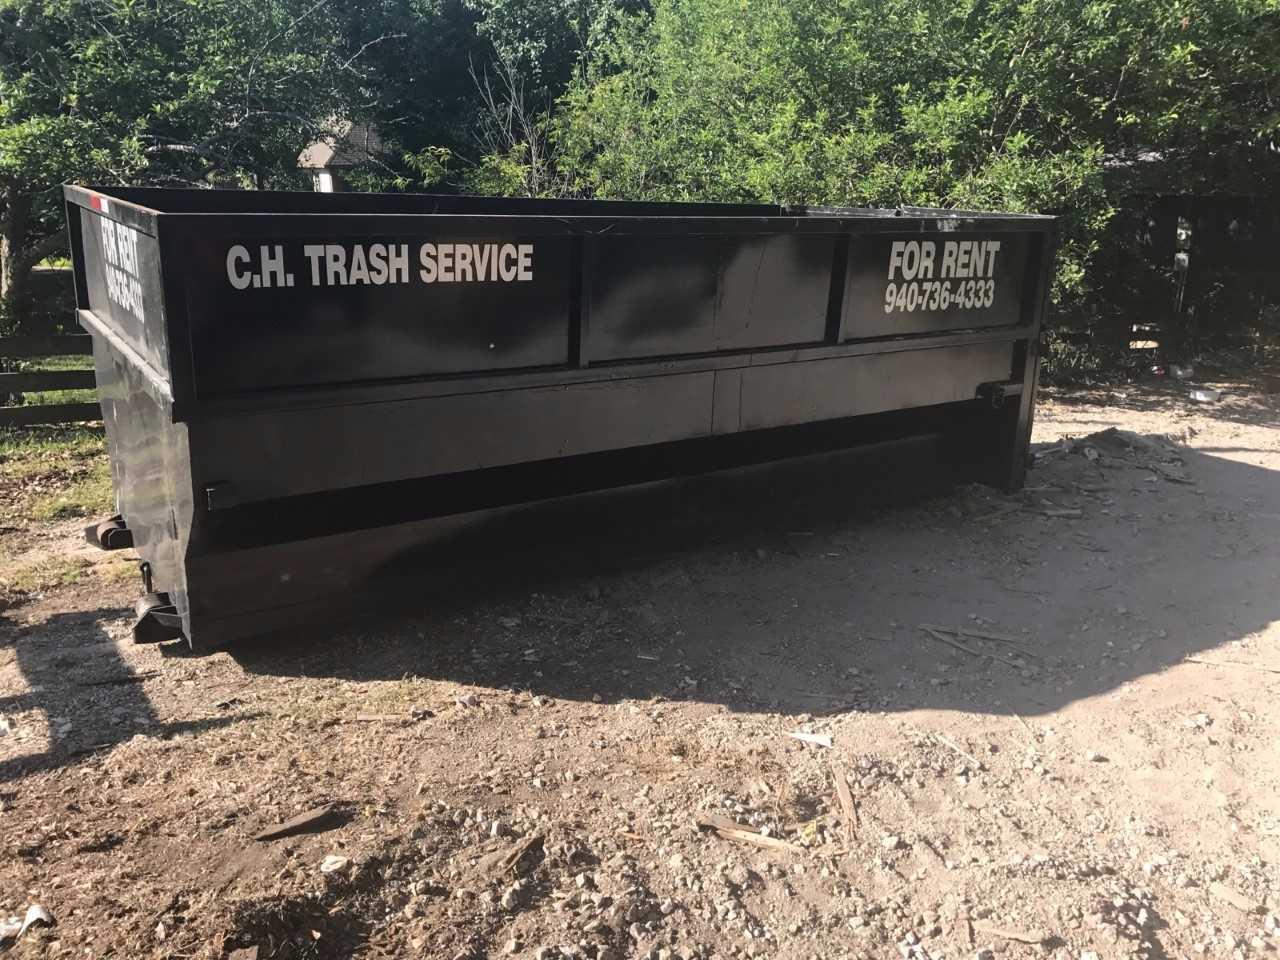 C.H. Trash Service - Dumpster Rental image 2